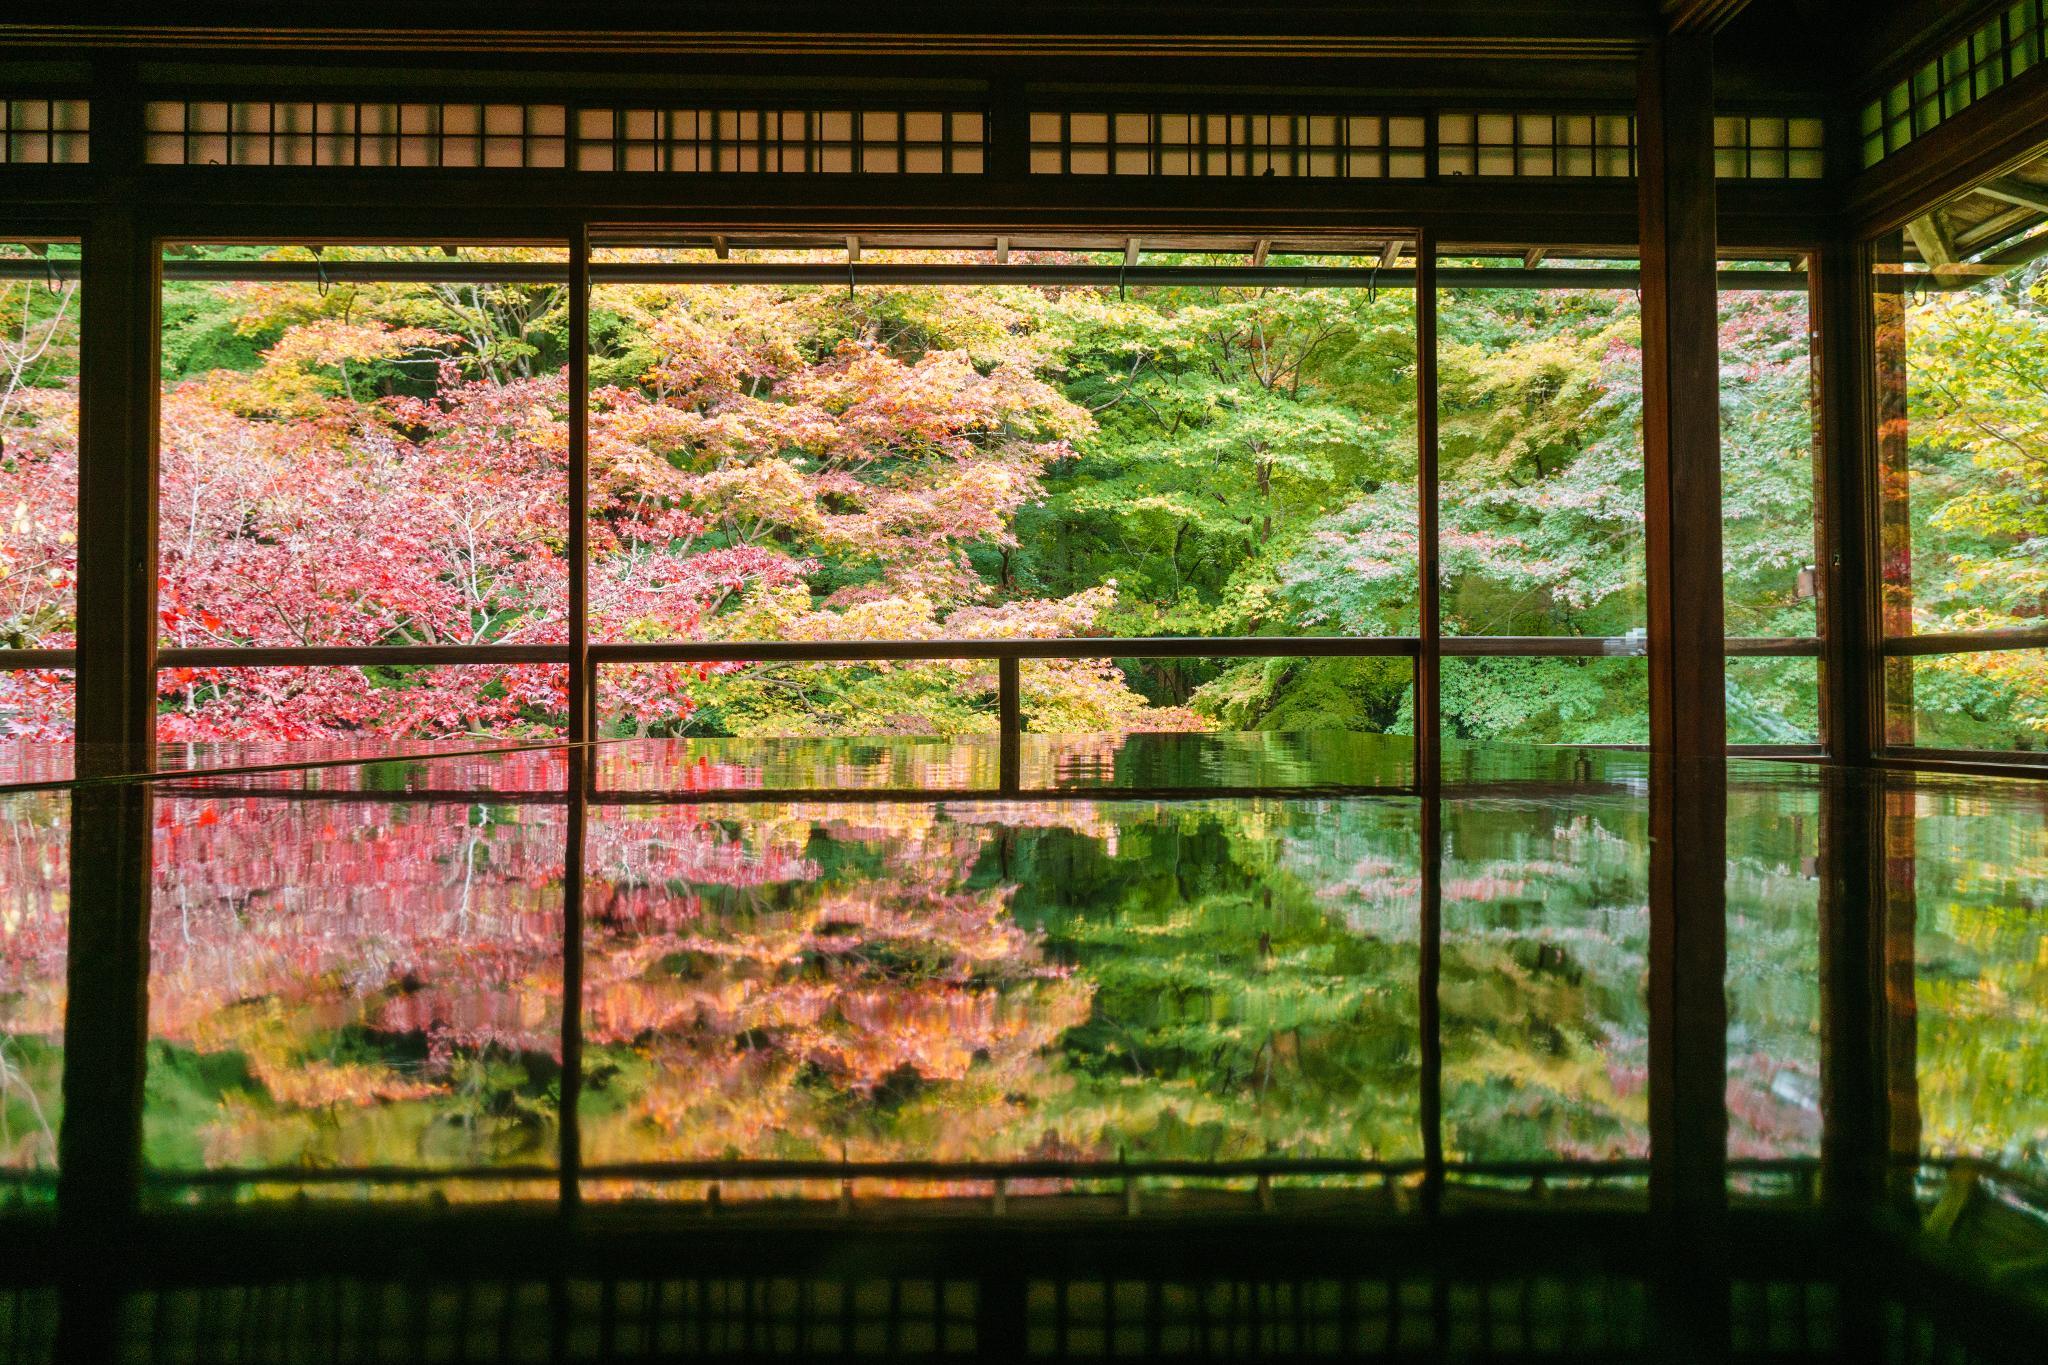 【京都】如夢似幻的琉璃光影 - 八瀨琉璃光院 86